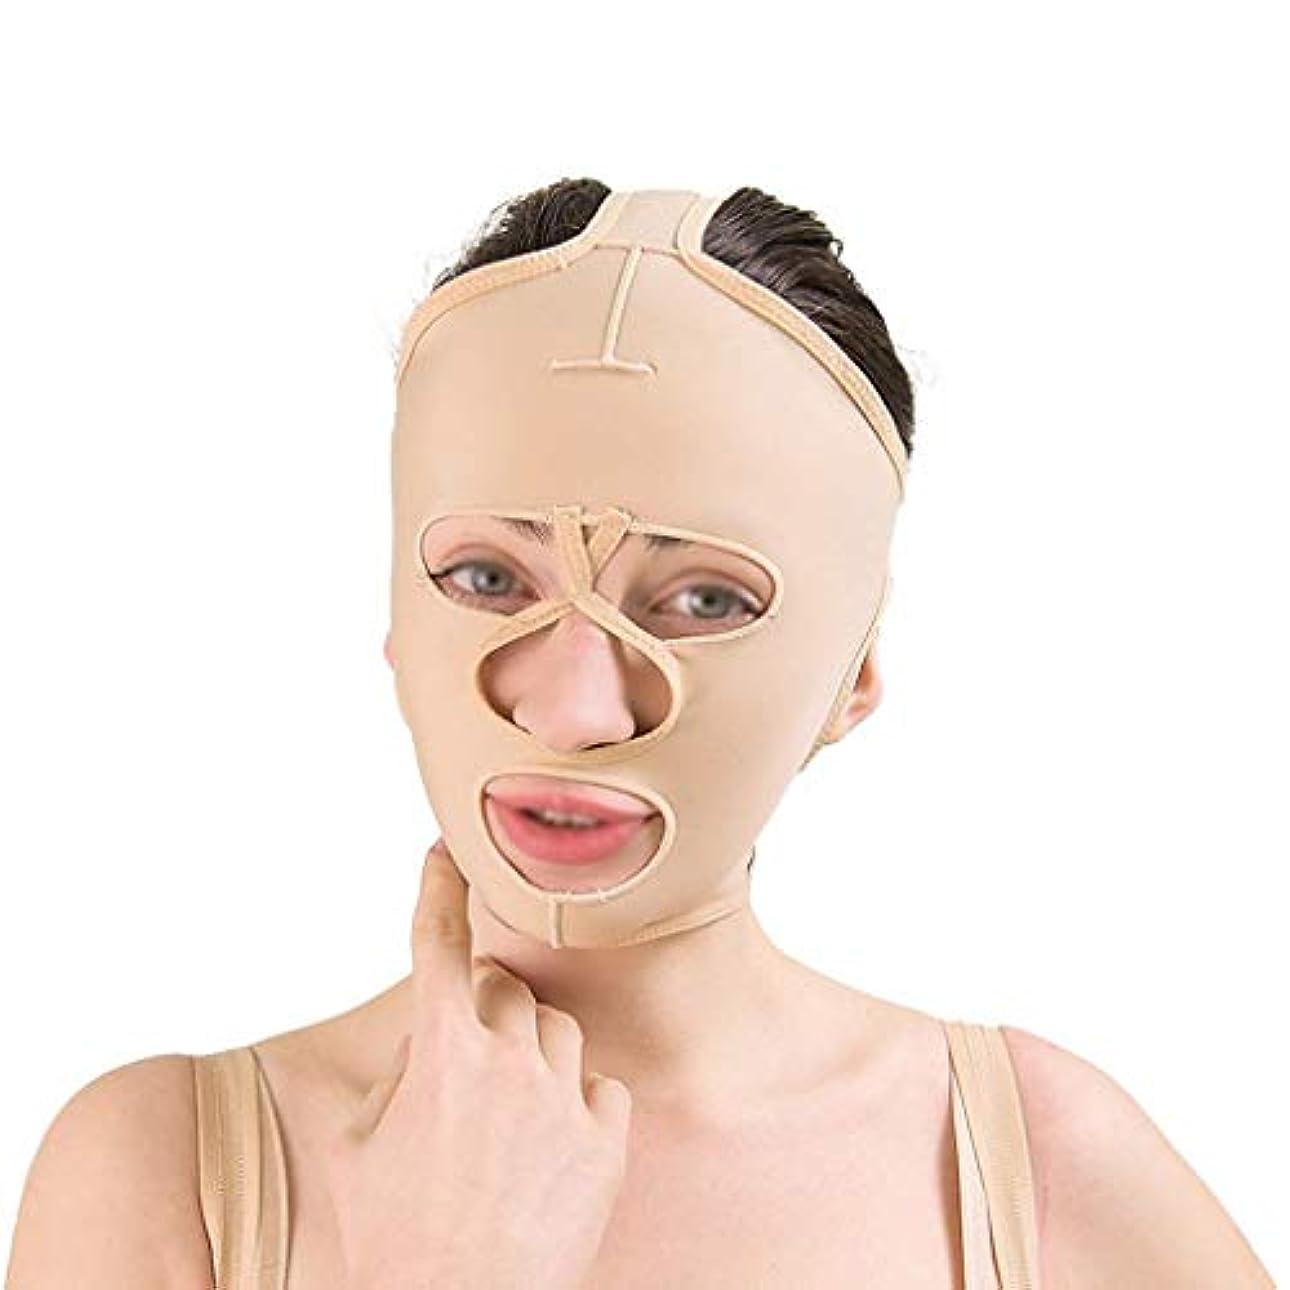 いちゃつく宿泊民間人フェイシャルリフティングツール、フェイシャルビューティーリフティングマスク、通気性引き締めリフティングフェイシャル包帯、フェイシャルタイトバンデージ(サイズ:L),M